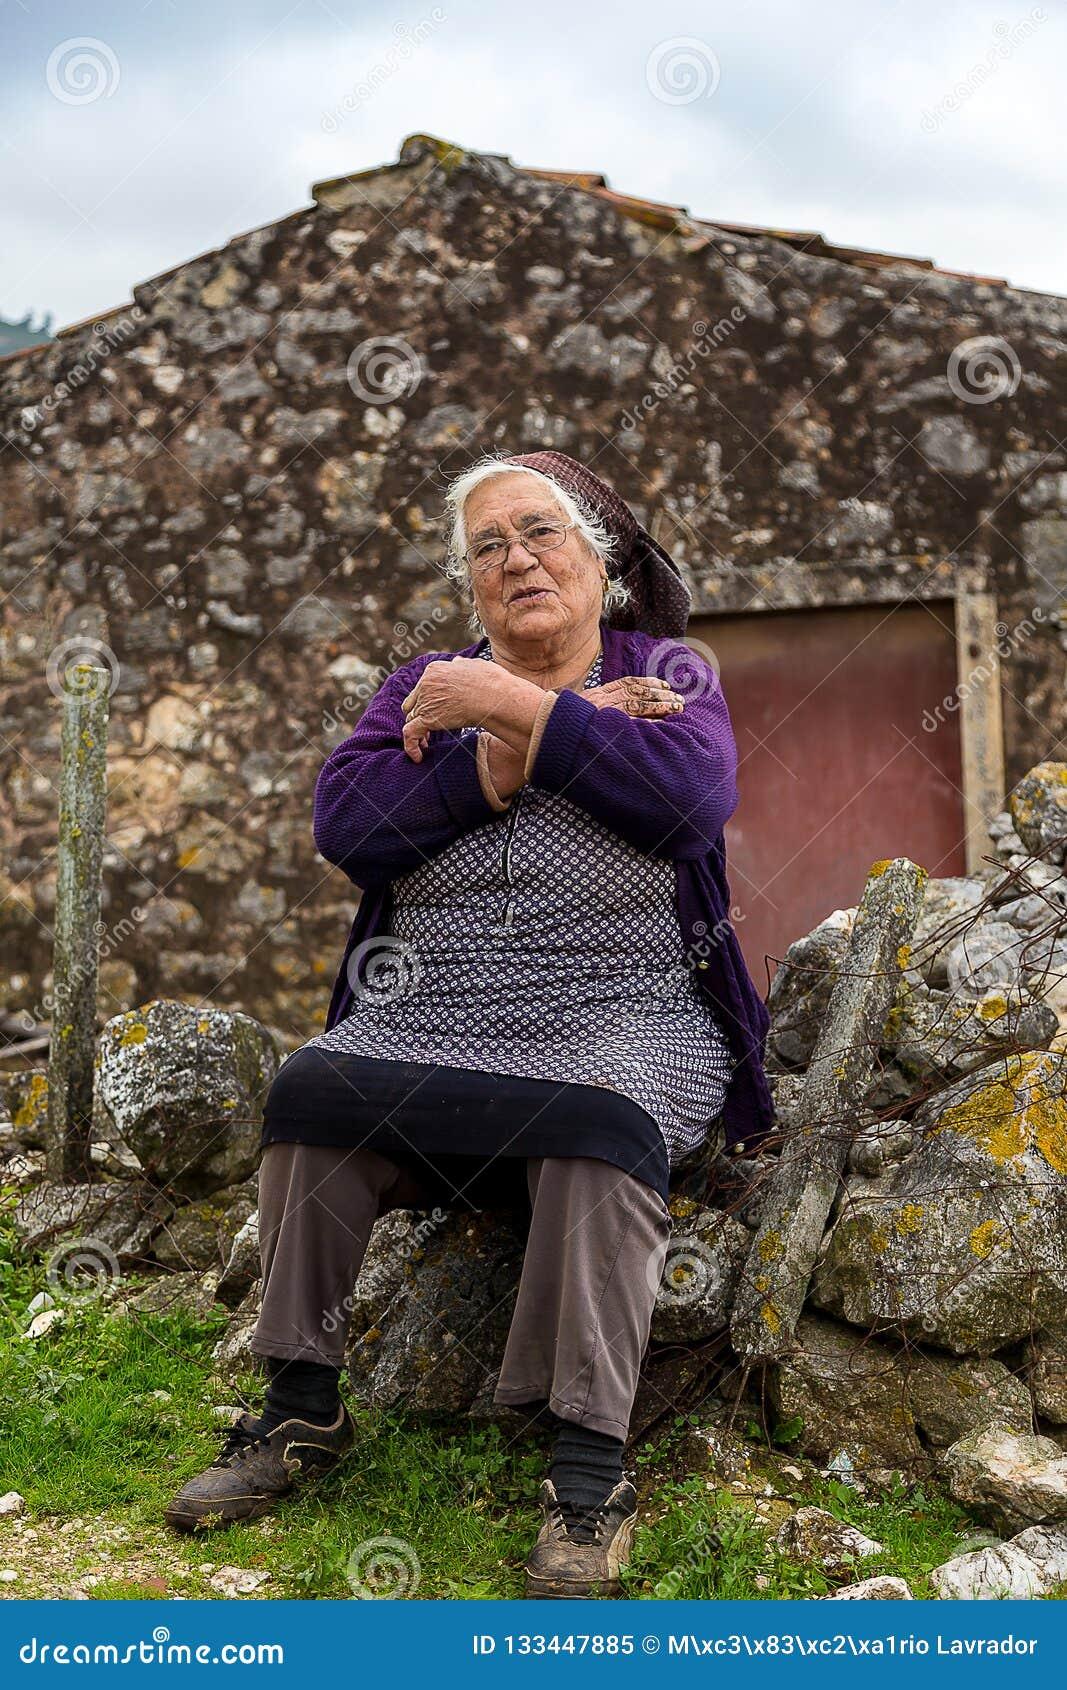 Распологать пожилой женщины гордый ее истории жизни